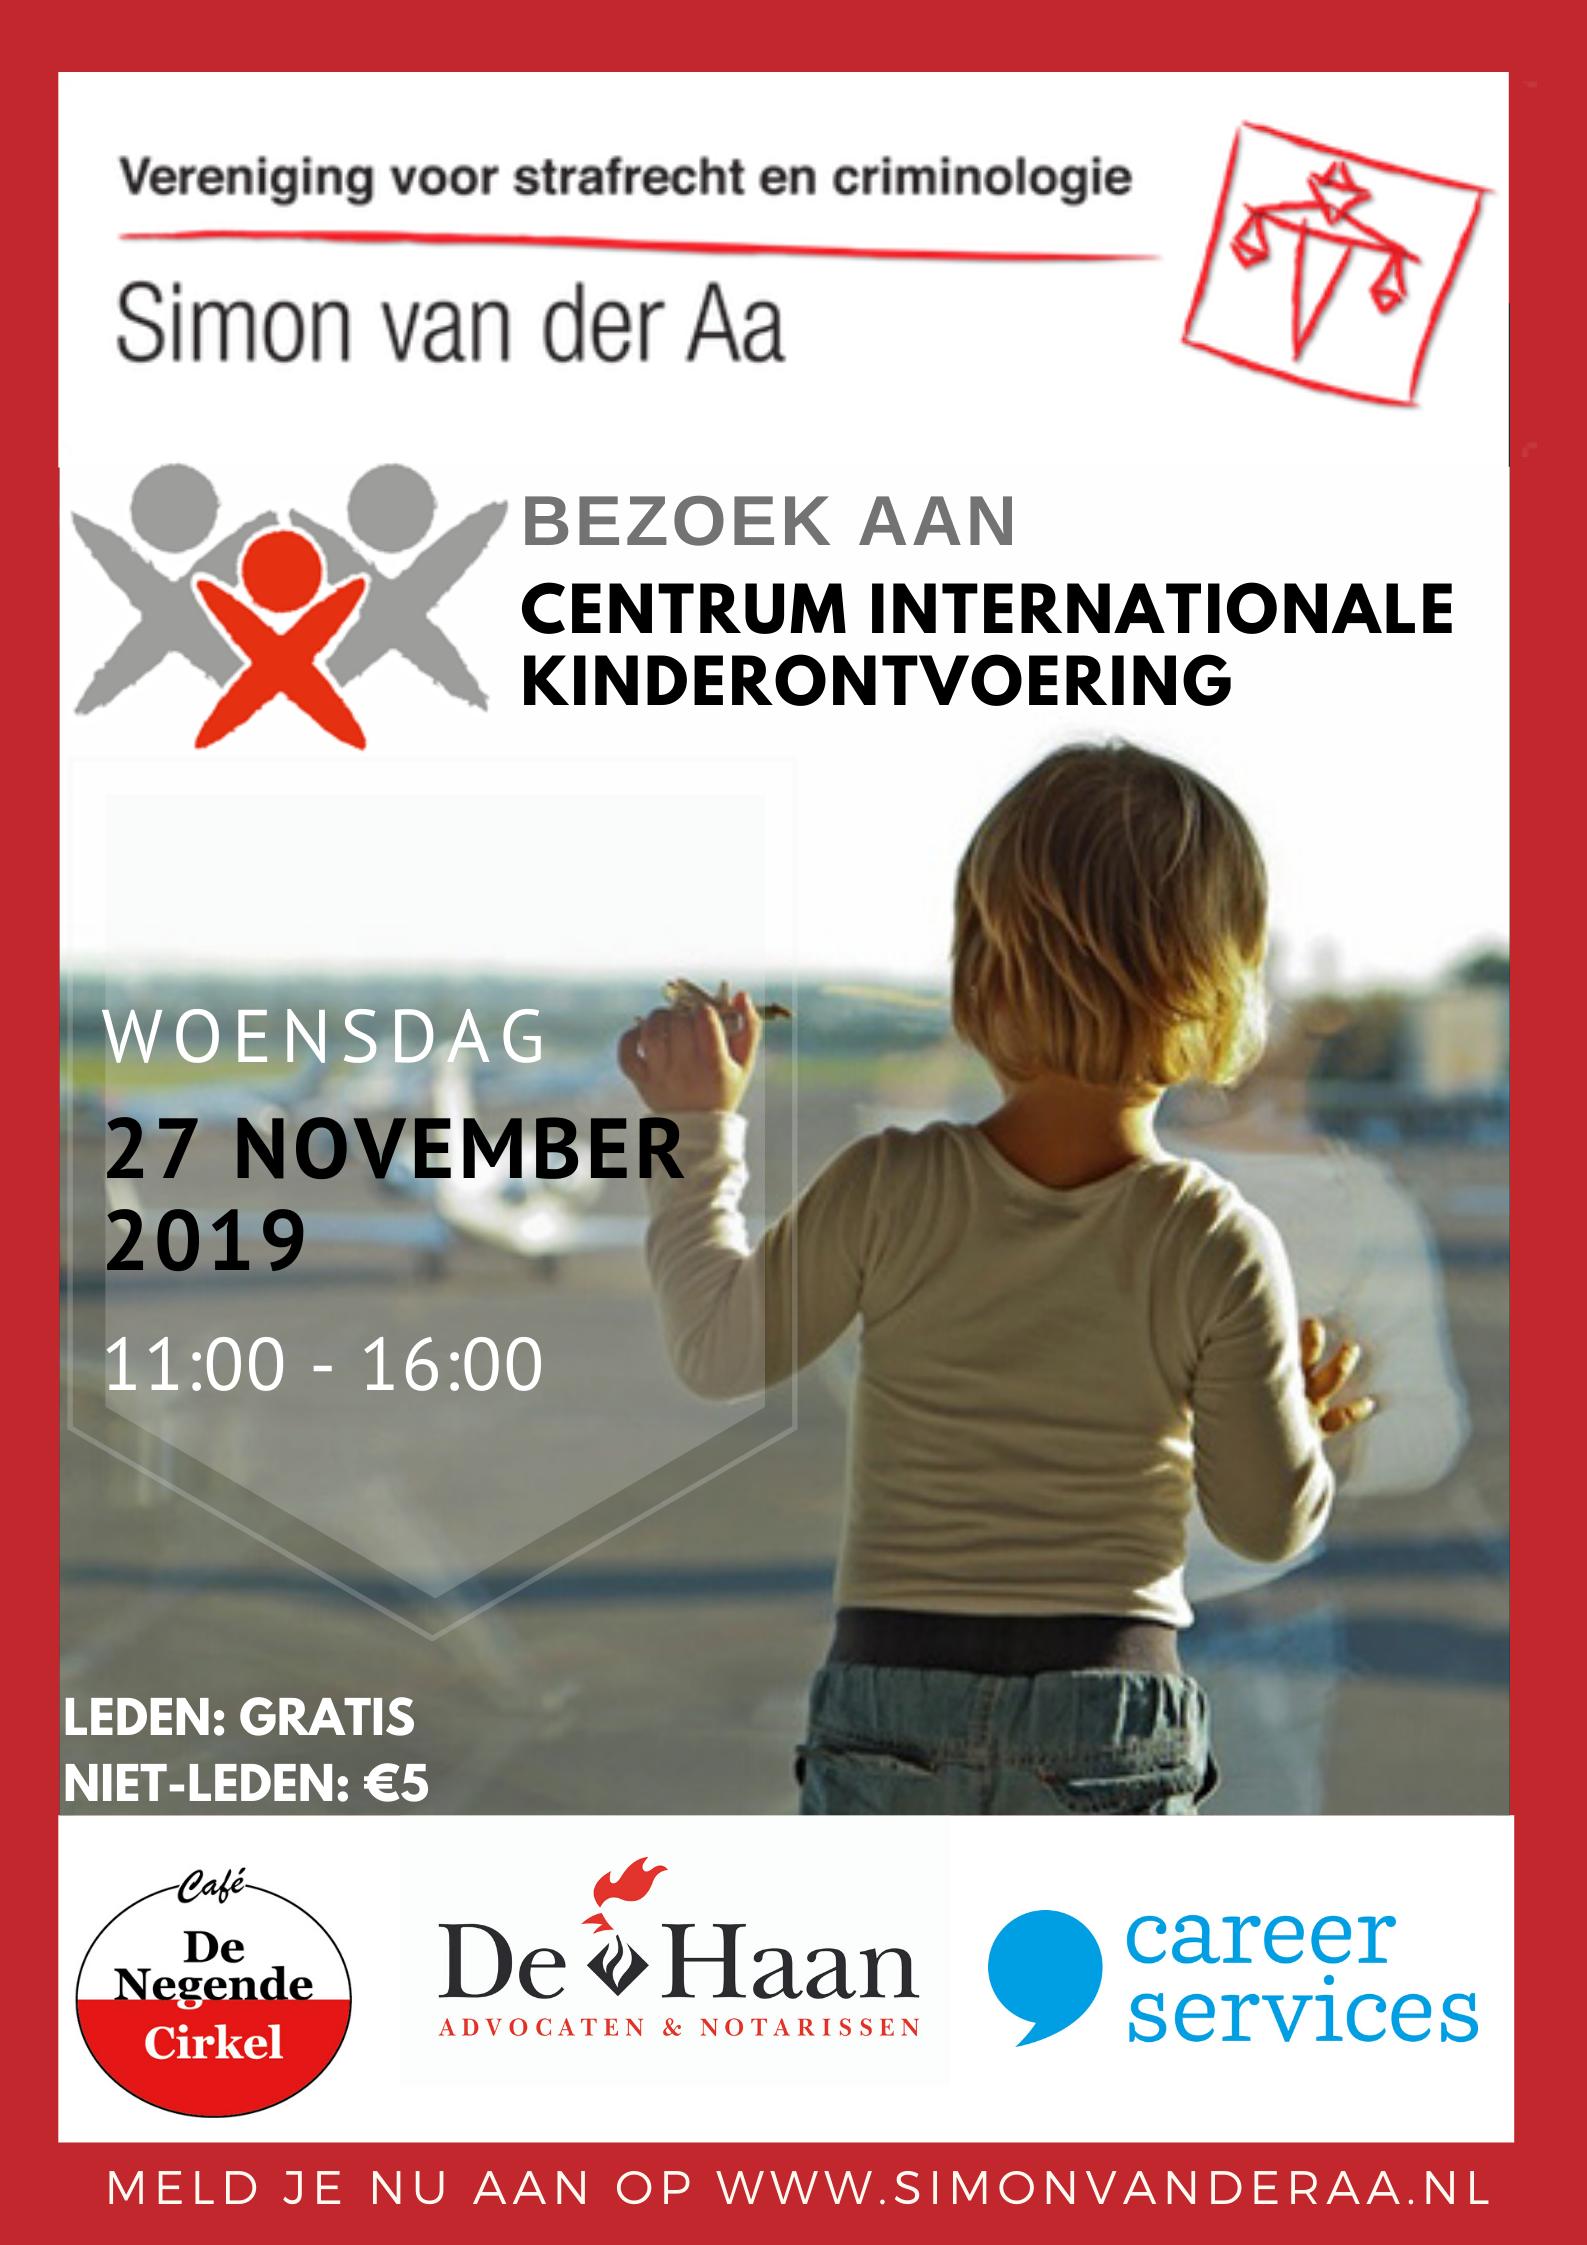 Bezoek Centrum Internationale Kinderontvoering